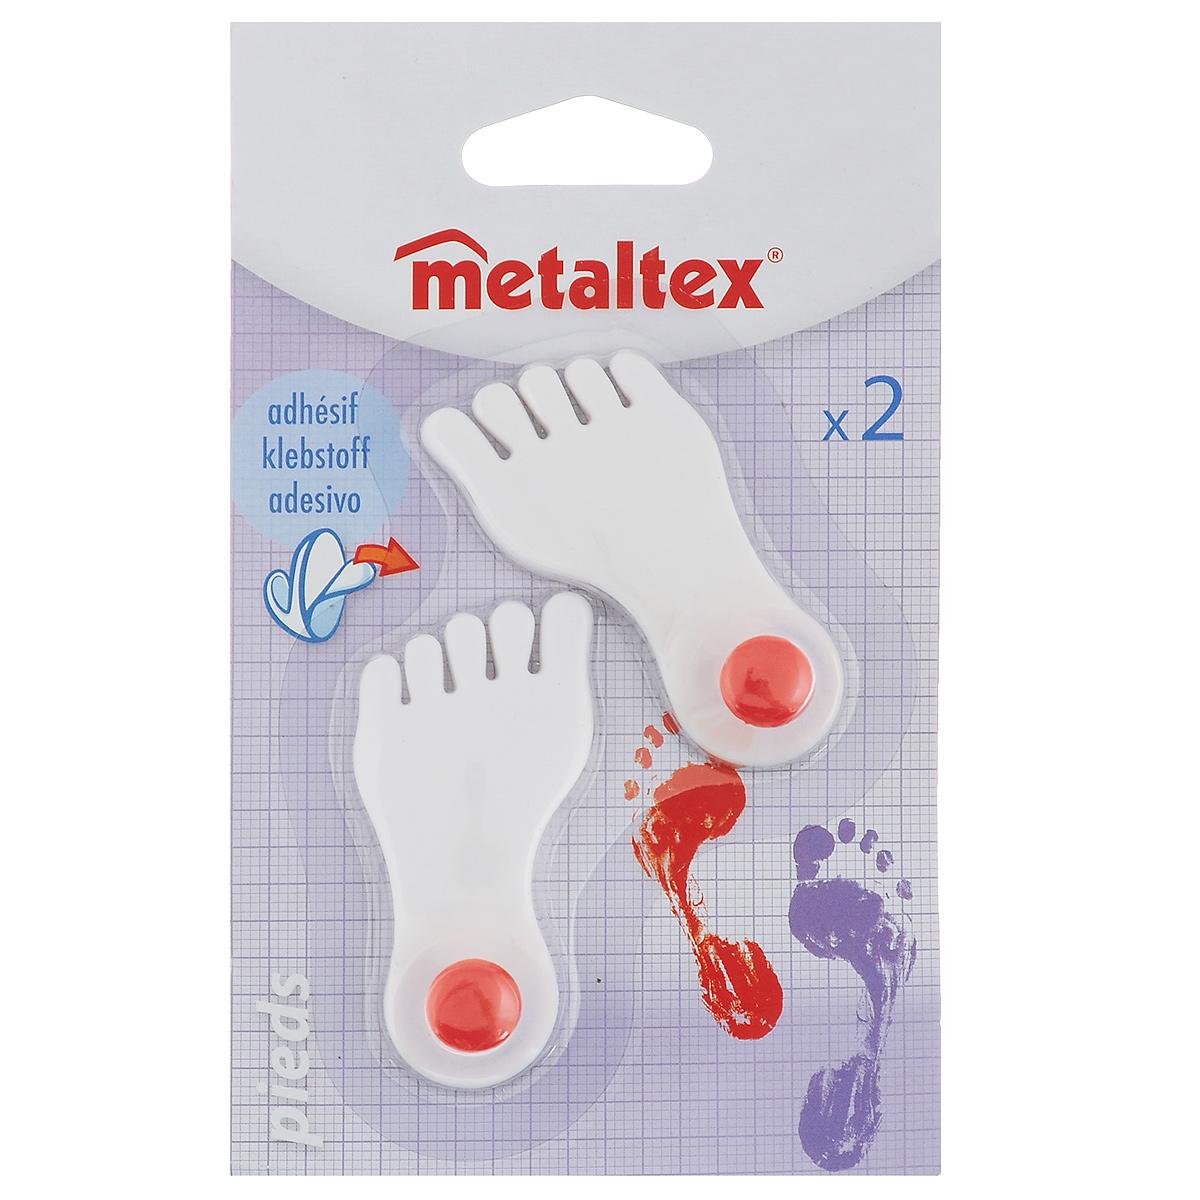 Набор крючков Metaltex Pieds, 2 штCLP446Набор настенных крючков Metaltex Pieds изготовлен из прочного пластика в виде левой и правой ножки. Они прекрасно подойдут для вашей ванной комнаты или кухни и не займут много места, надежно выдержав все, что вы на них повесите. Крючки могут крепится на стену с помощью липкой ленты которая находится на задней стороне крючка.Размер крючка: 3 см х 1,5 см х 6,5 см.Комплектация: 2 шт.